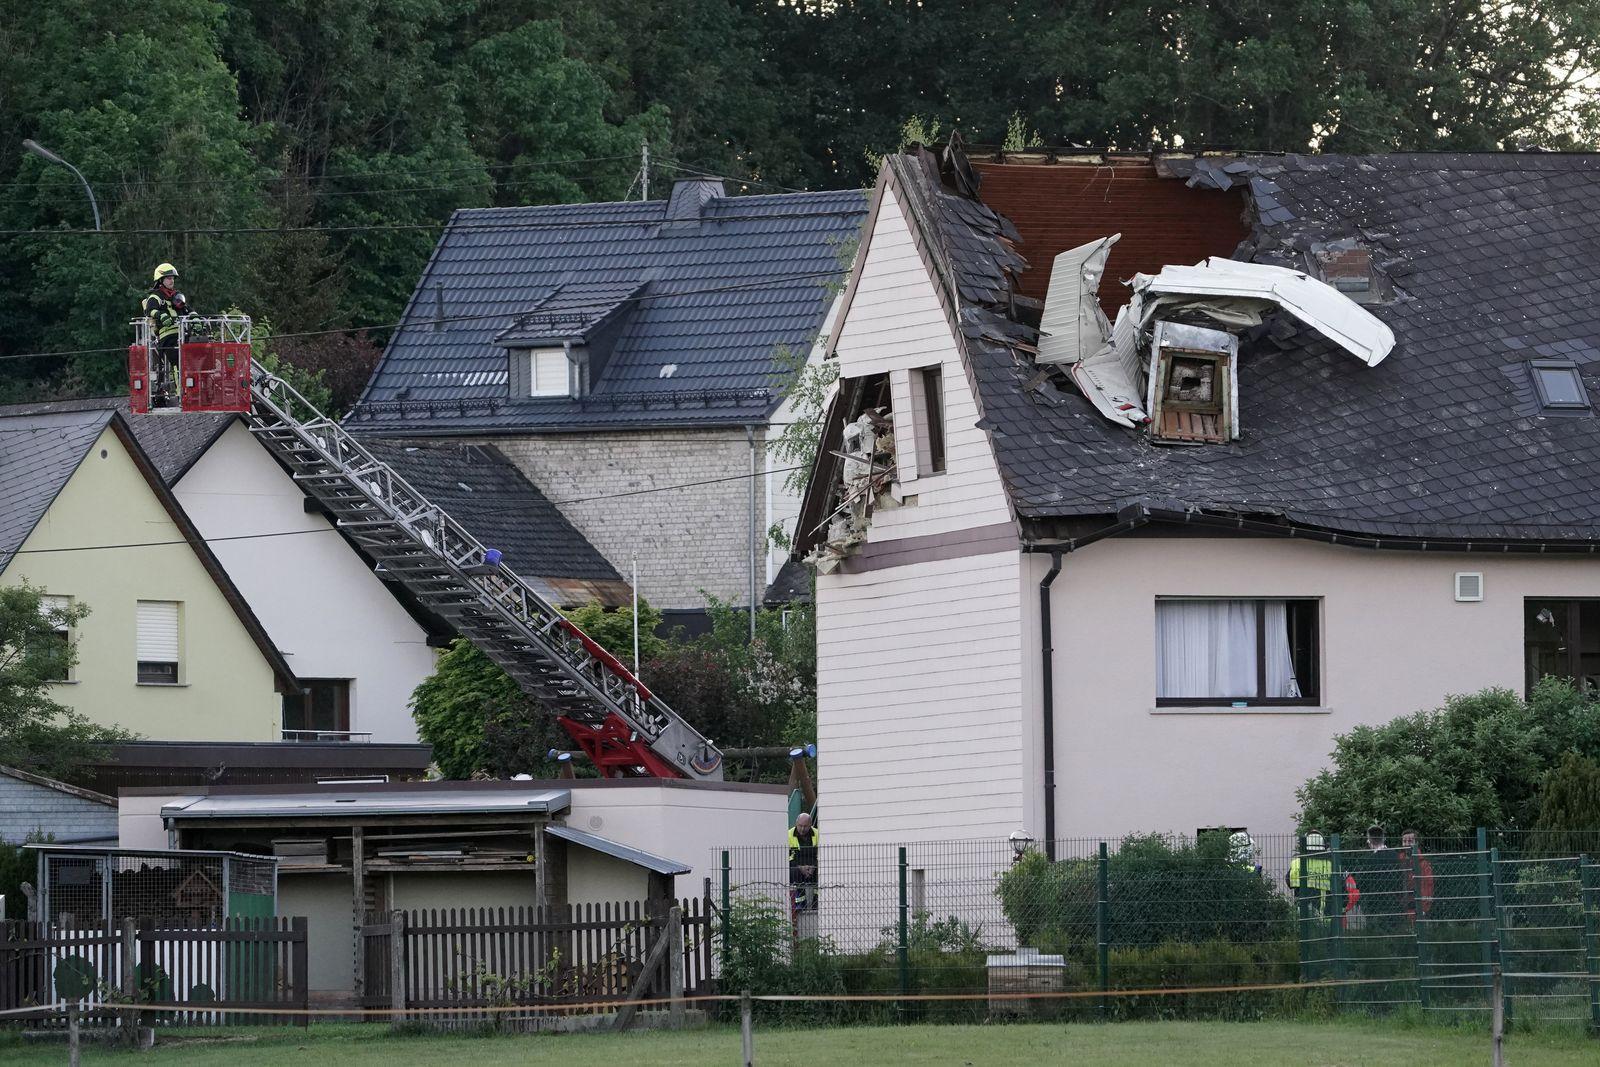 Kleinflugzeug stürzt in Dach